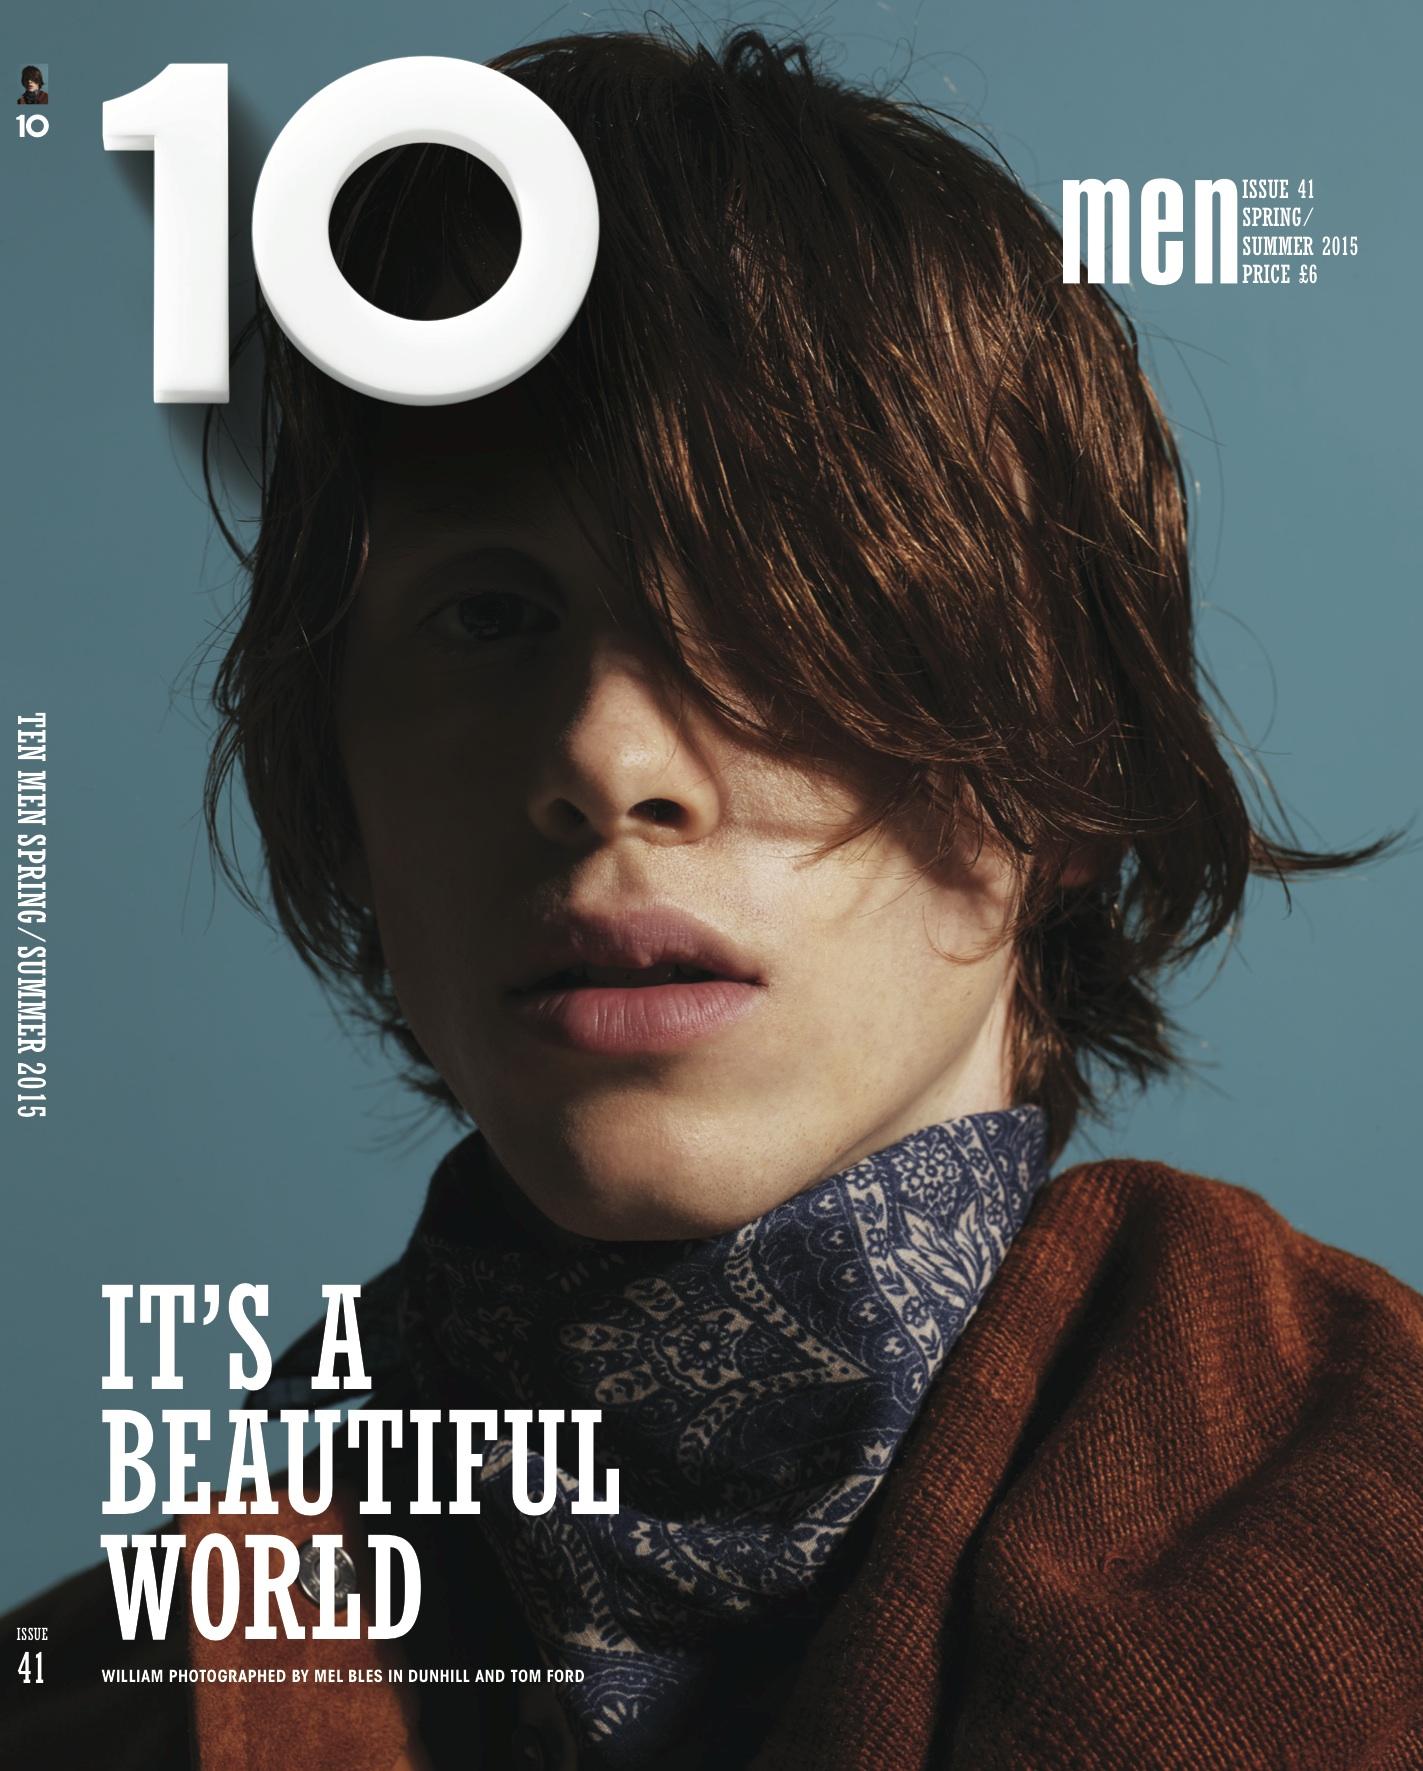 TM_COVER.jpg